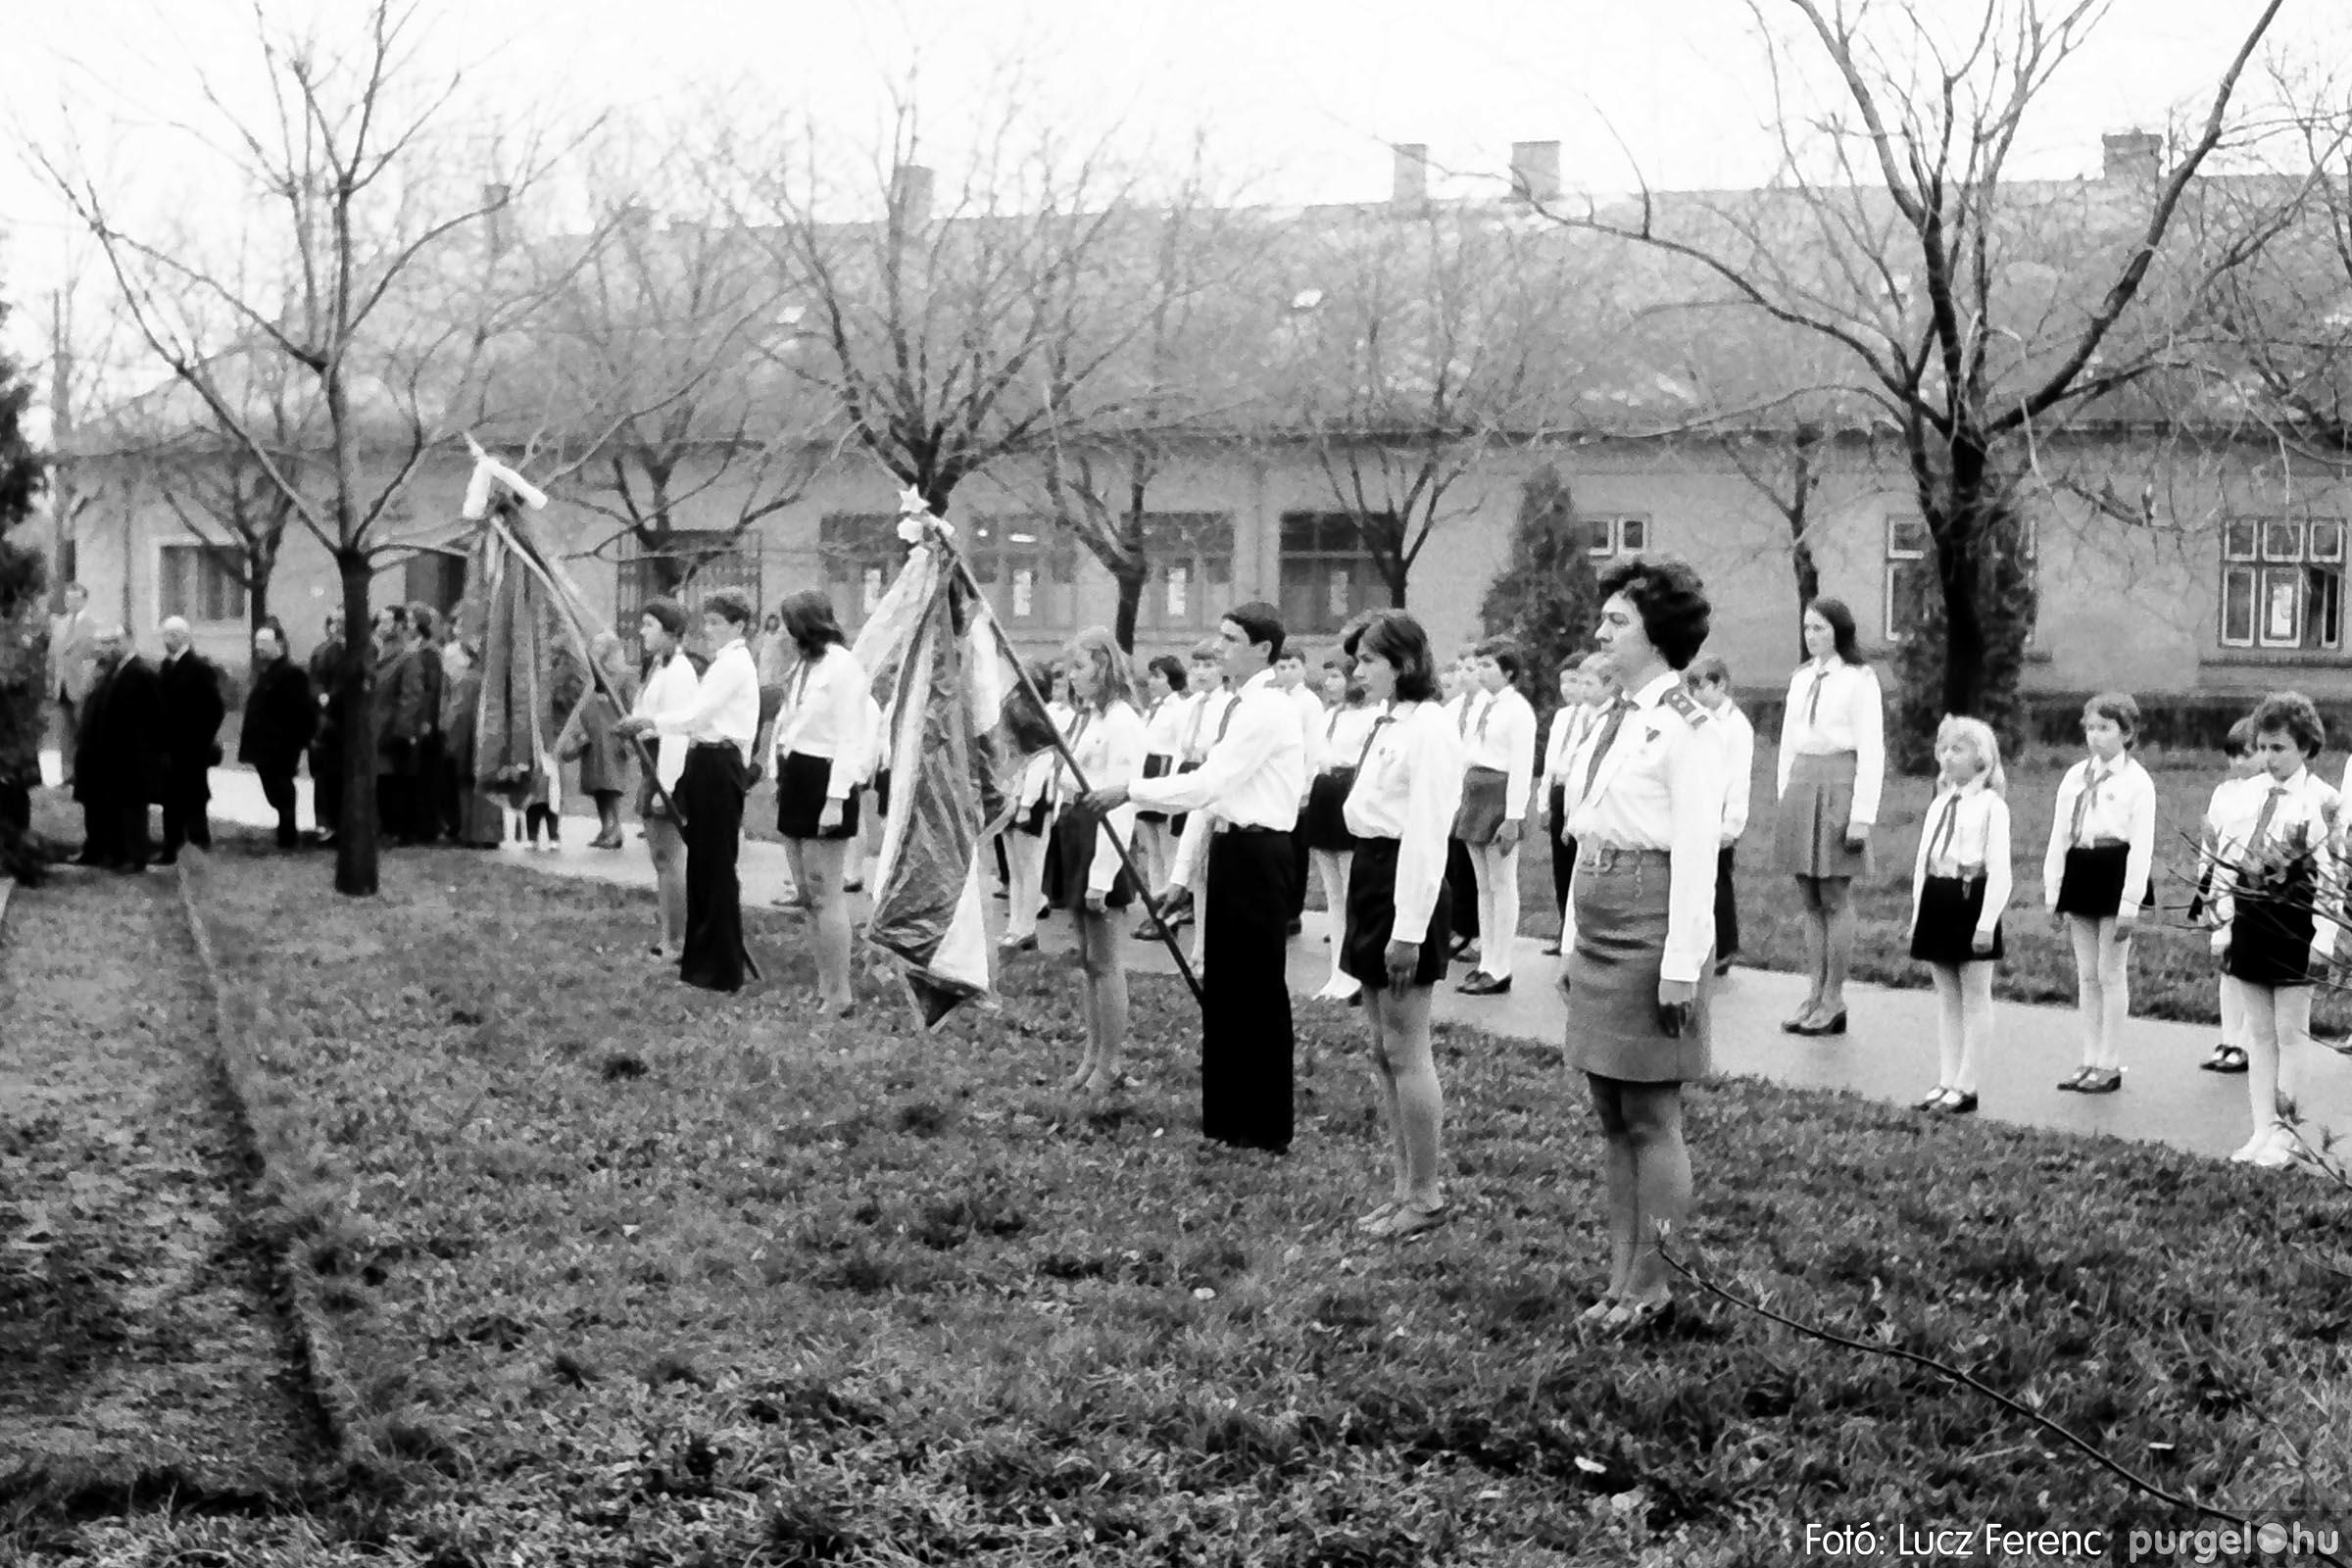 008 1975.04.04. Április 4-i ünnepség 021 - Fotó: Lucz Ferenc IMG00144q.jpg